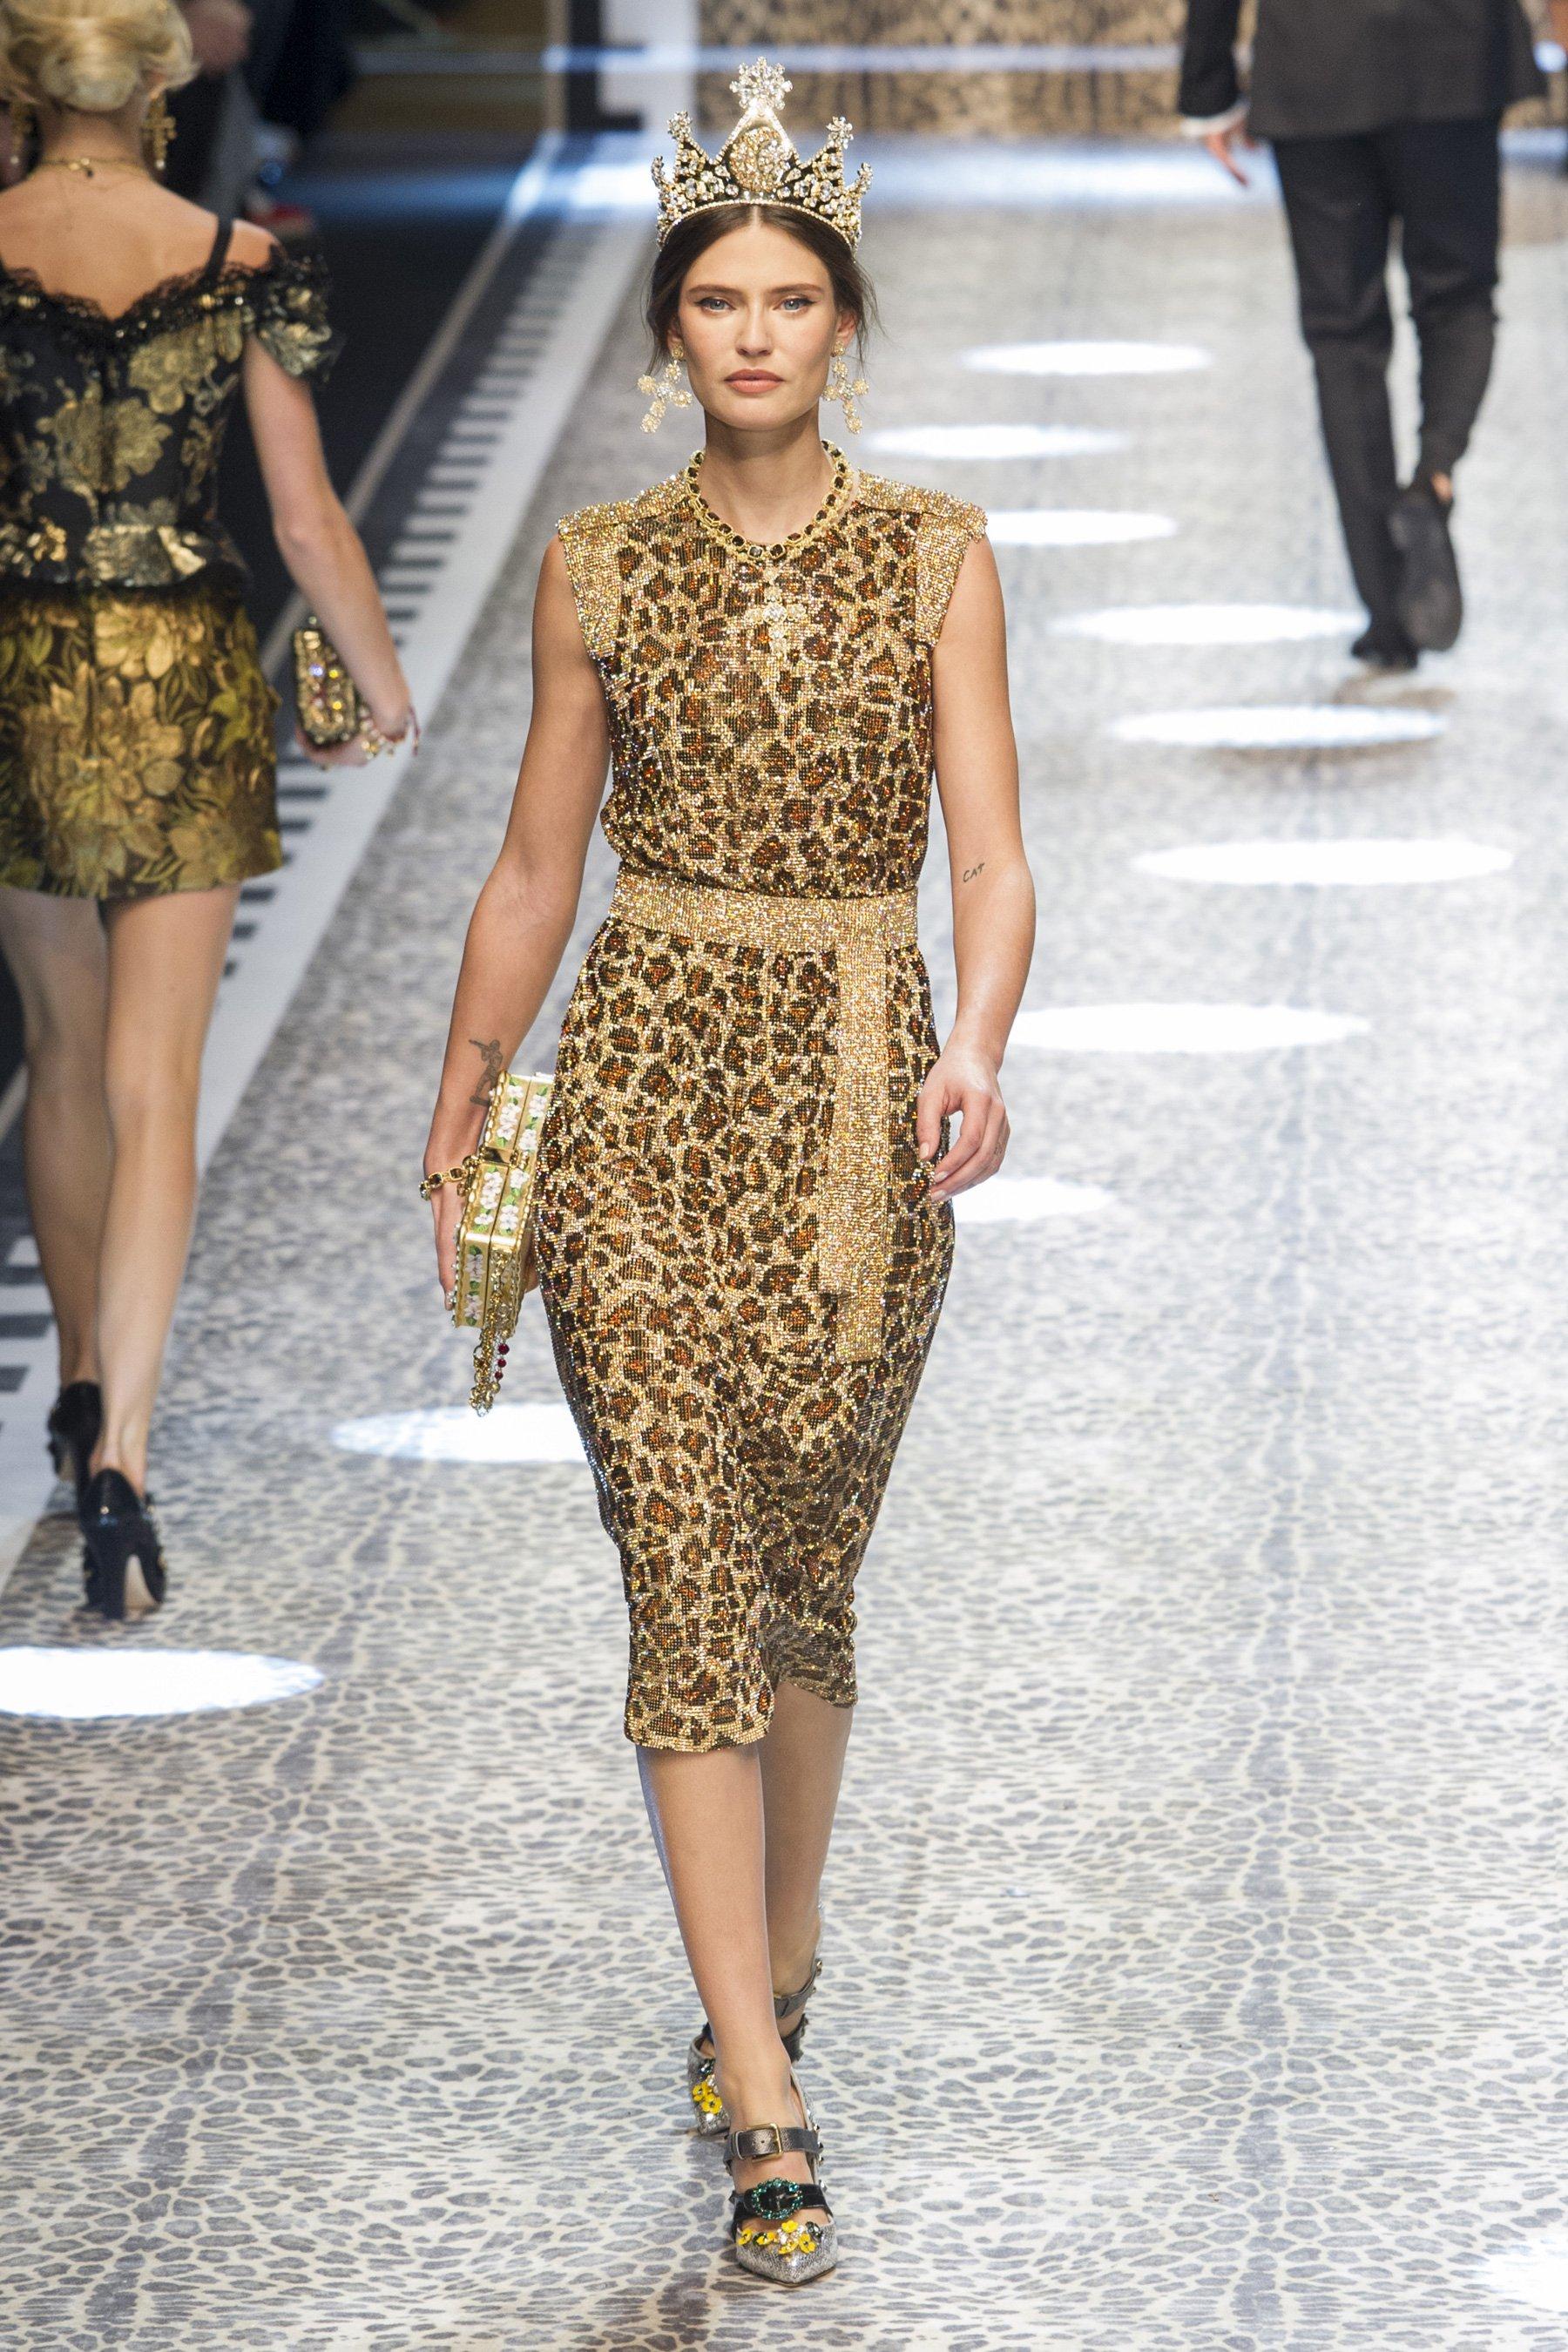 38e45b1cb70603 Модні сукні з квітковим принтом - на весну і літо, актуальні тренди